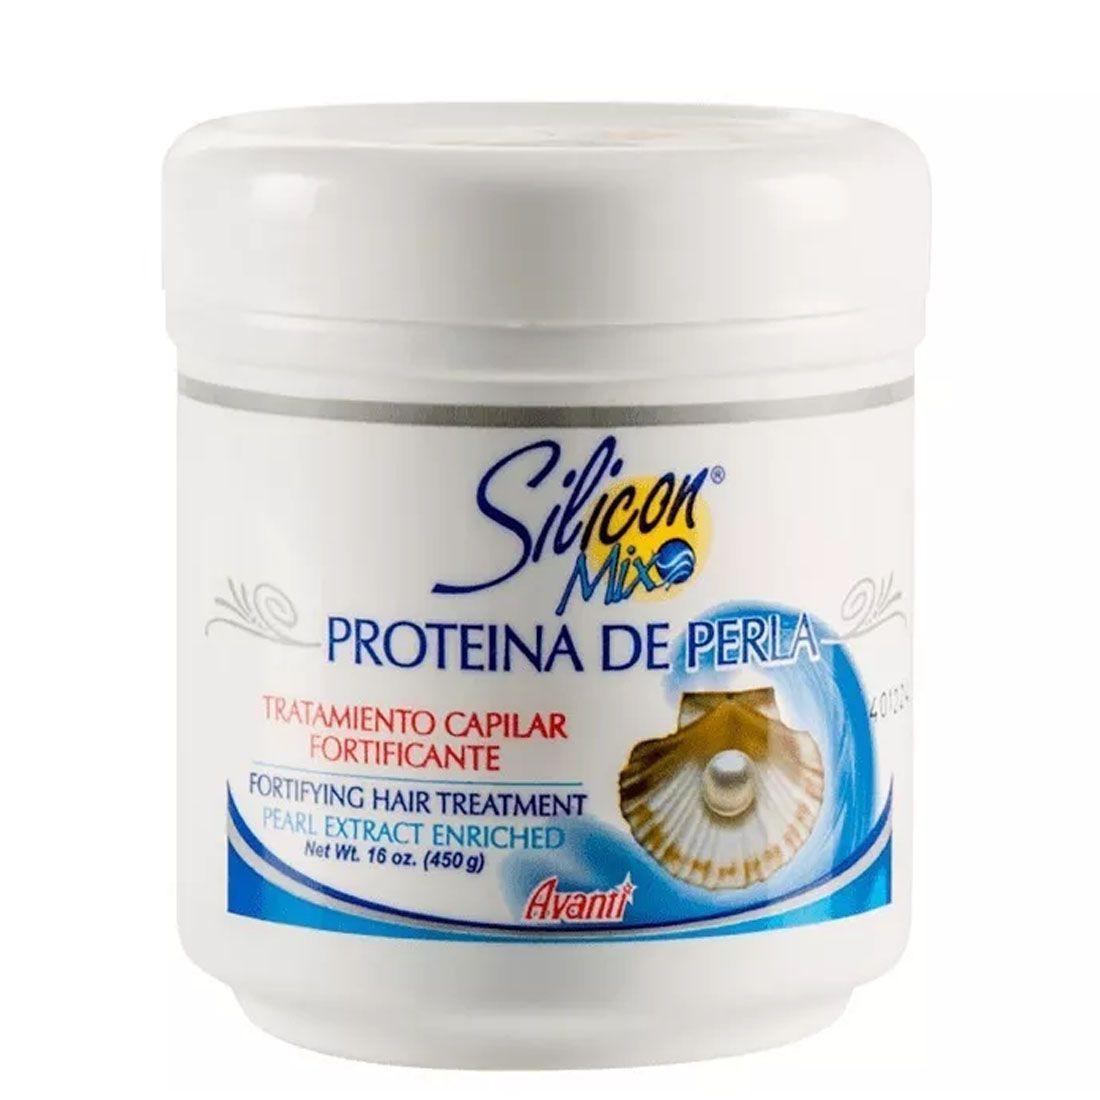 Mascara Capilar Silicon Mix Proteína De Perla Fortificante 450g